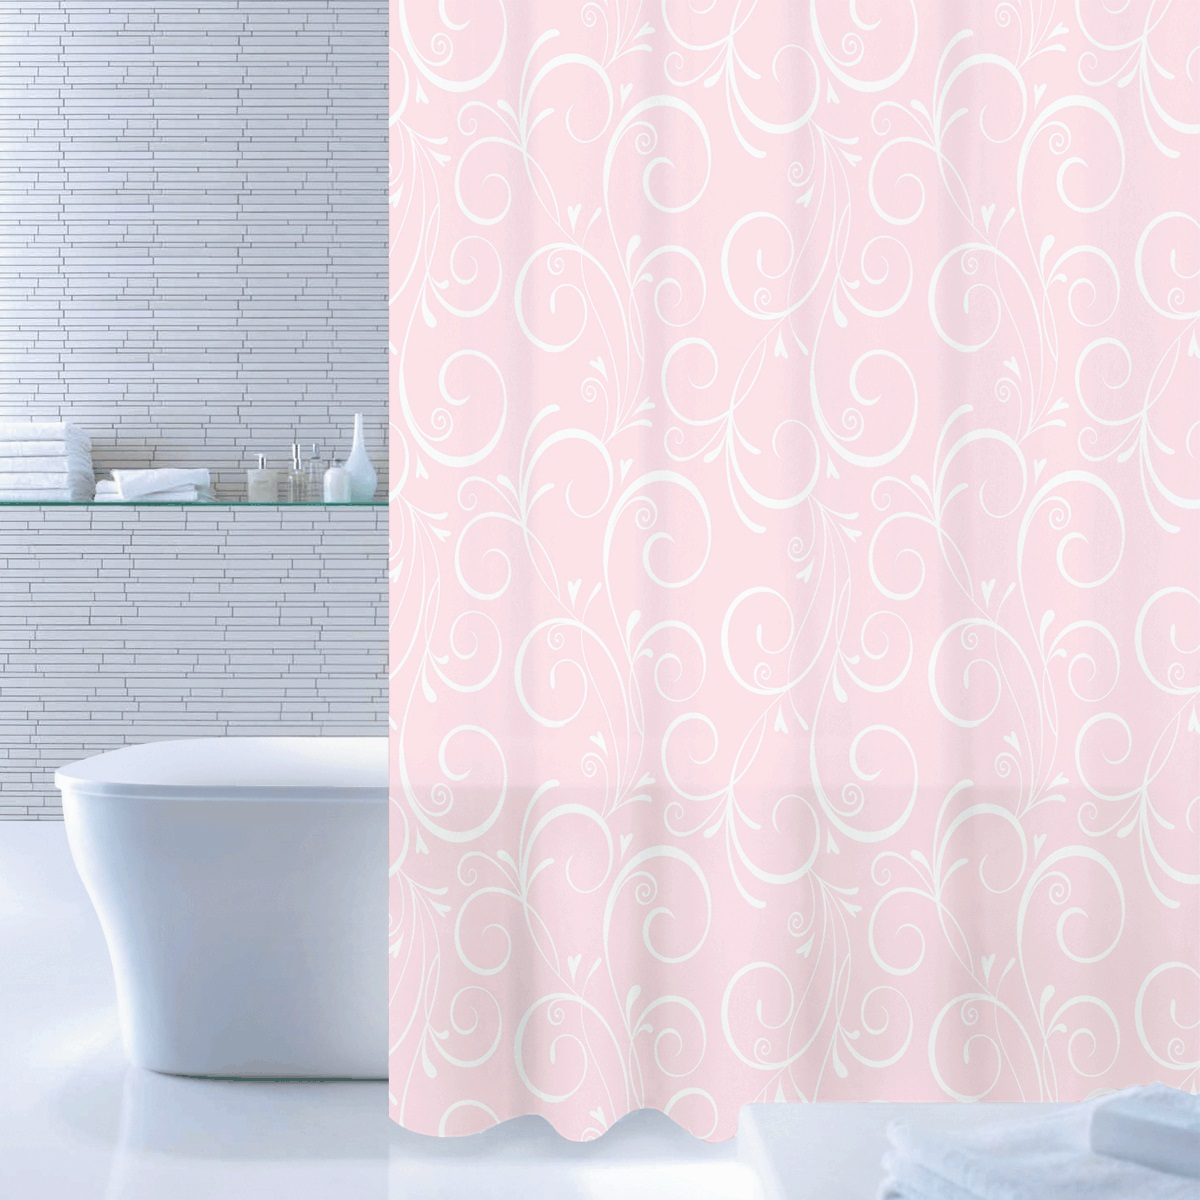 Штора для ванной Iddis Breeze Totem, цвет: бледно-розовый, 180 x 200 см530P18Ri11Штора для ванной комнаты Iddis выполнена из быстросохнущего материала - 100% полиэстера, что обеспечивает прочность изделия и легкость ухода за ним.Материал шторы пропитан специальным водоотталкивающим составом Waterprof.Изделие изготовлено из экологически-чистого материала, оно обладает высокой степенью гигиеничности, не вызывает аллергических реакций.Штора имеет 12 металлических люверсов. В комплекте: штора и кольца.